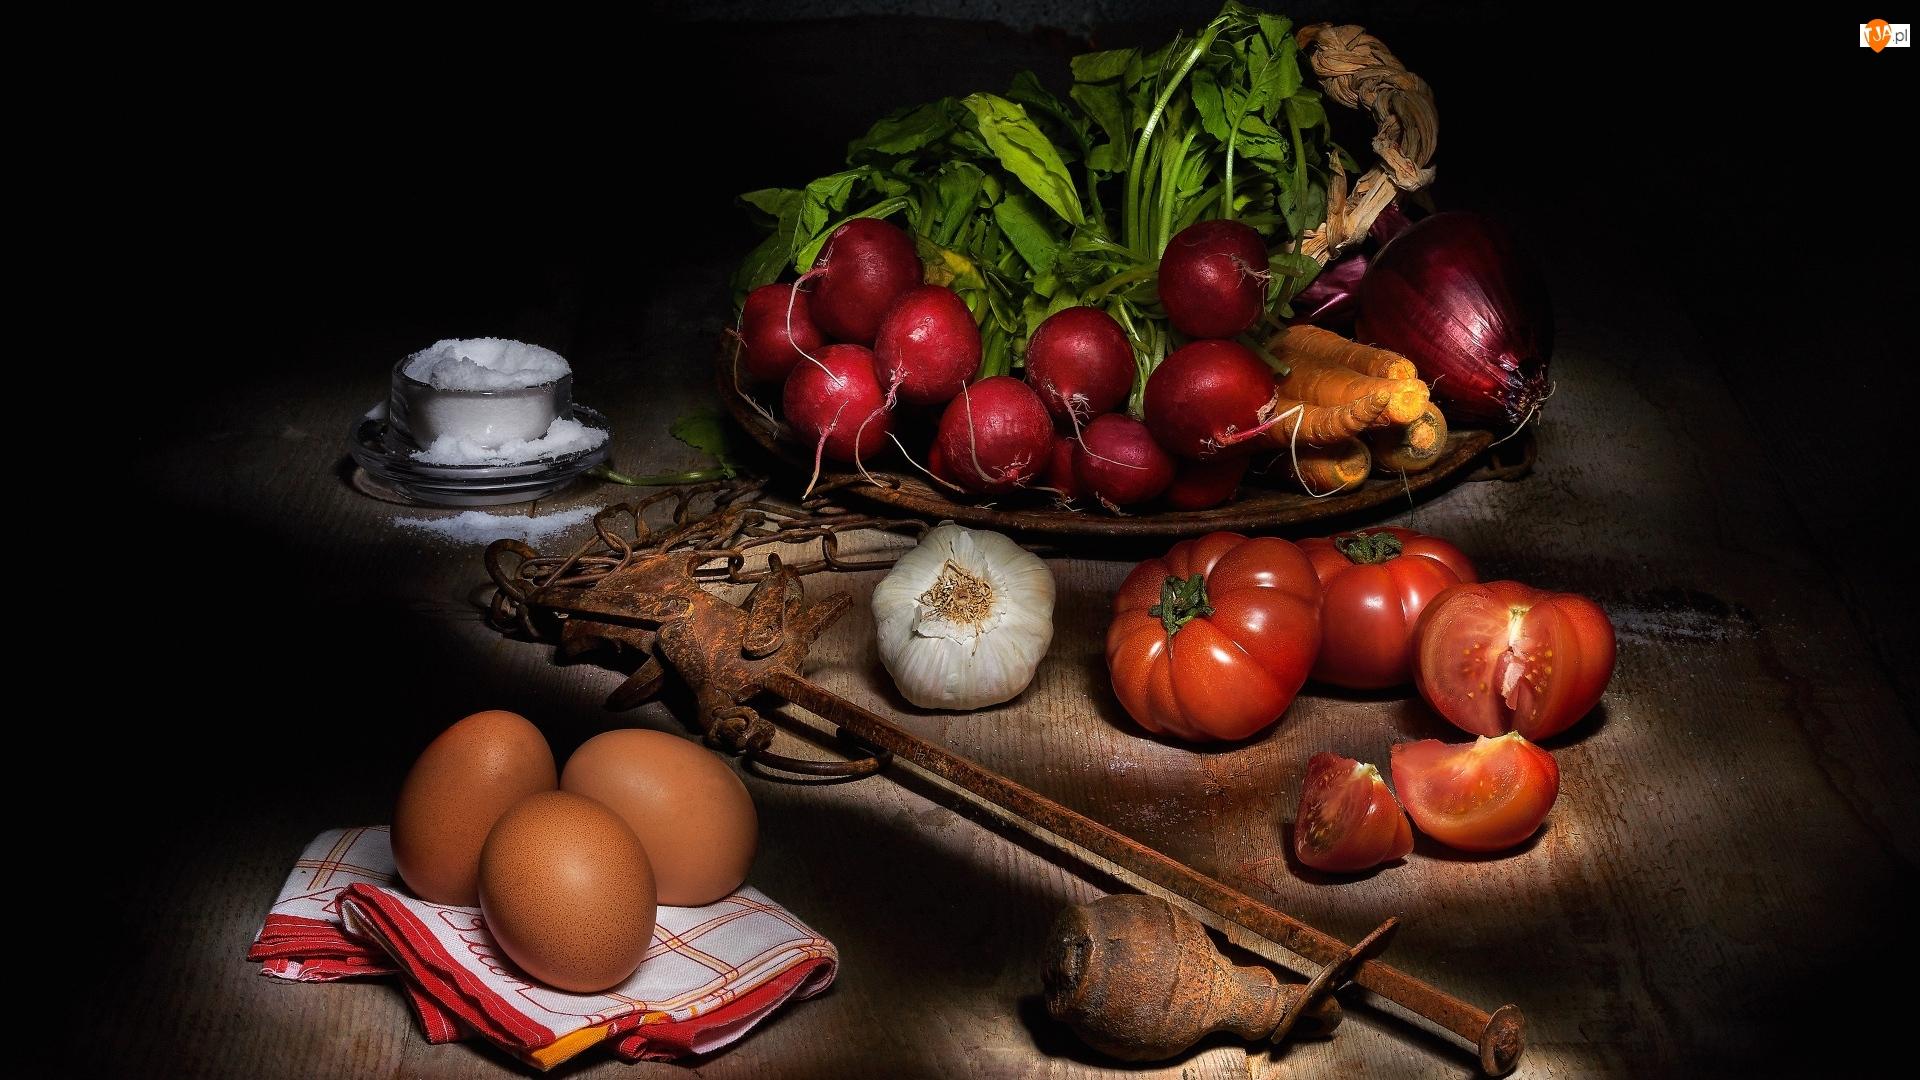 Warzywa, Rzodkiewki, Sól, Kompozycja, Jajka, Cebula, Pomidory